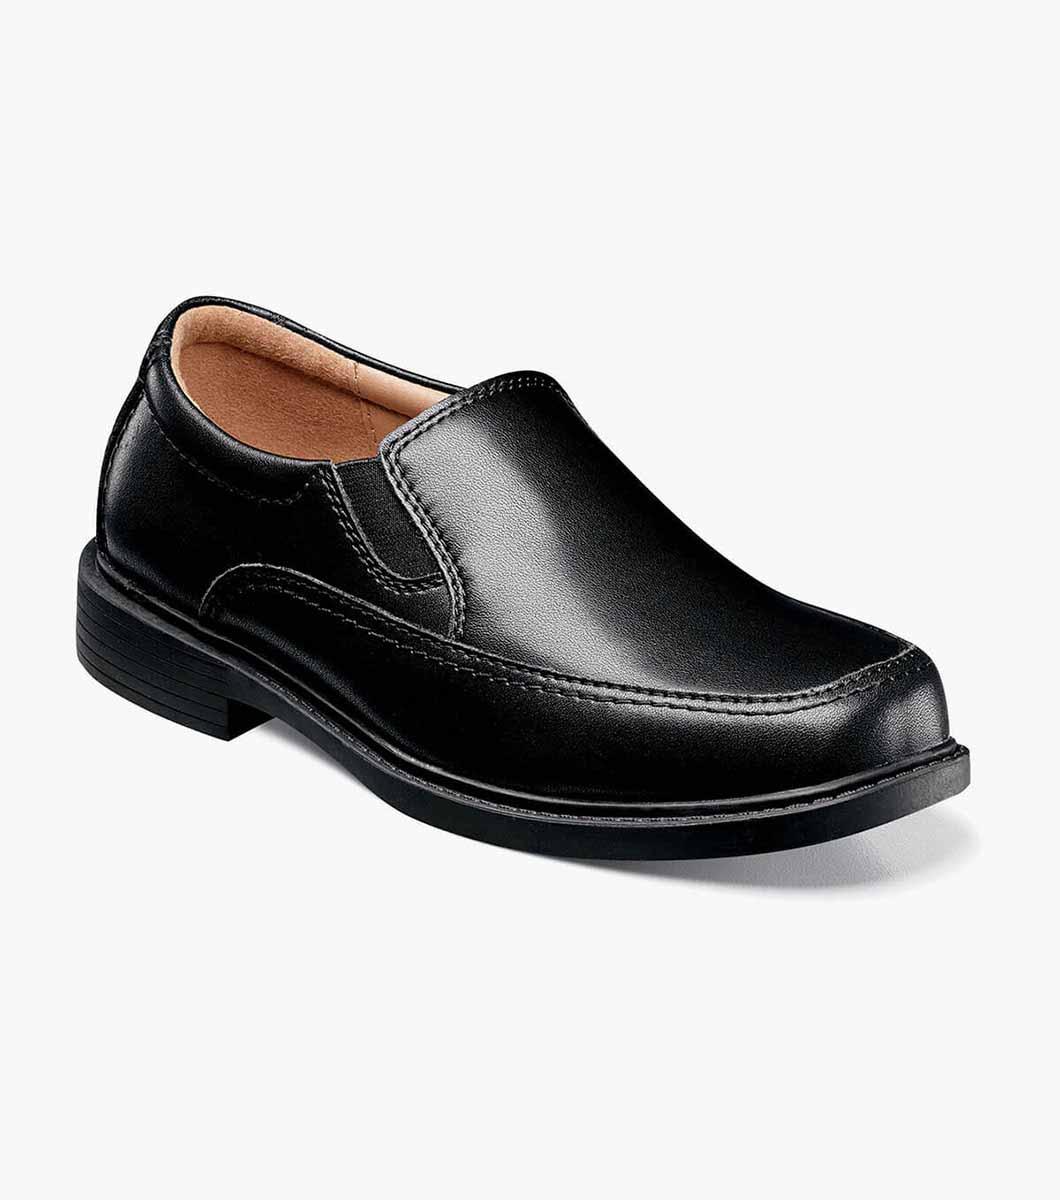 Shoes /& Jewelry Shoes Shoes Boy/' Florsheim Bogan Jr Slip On Clothing